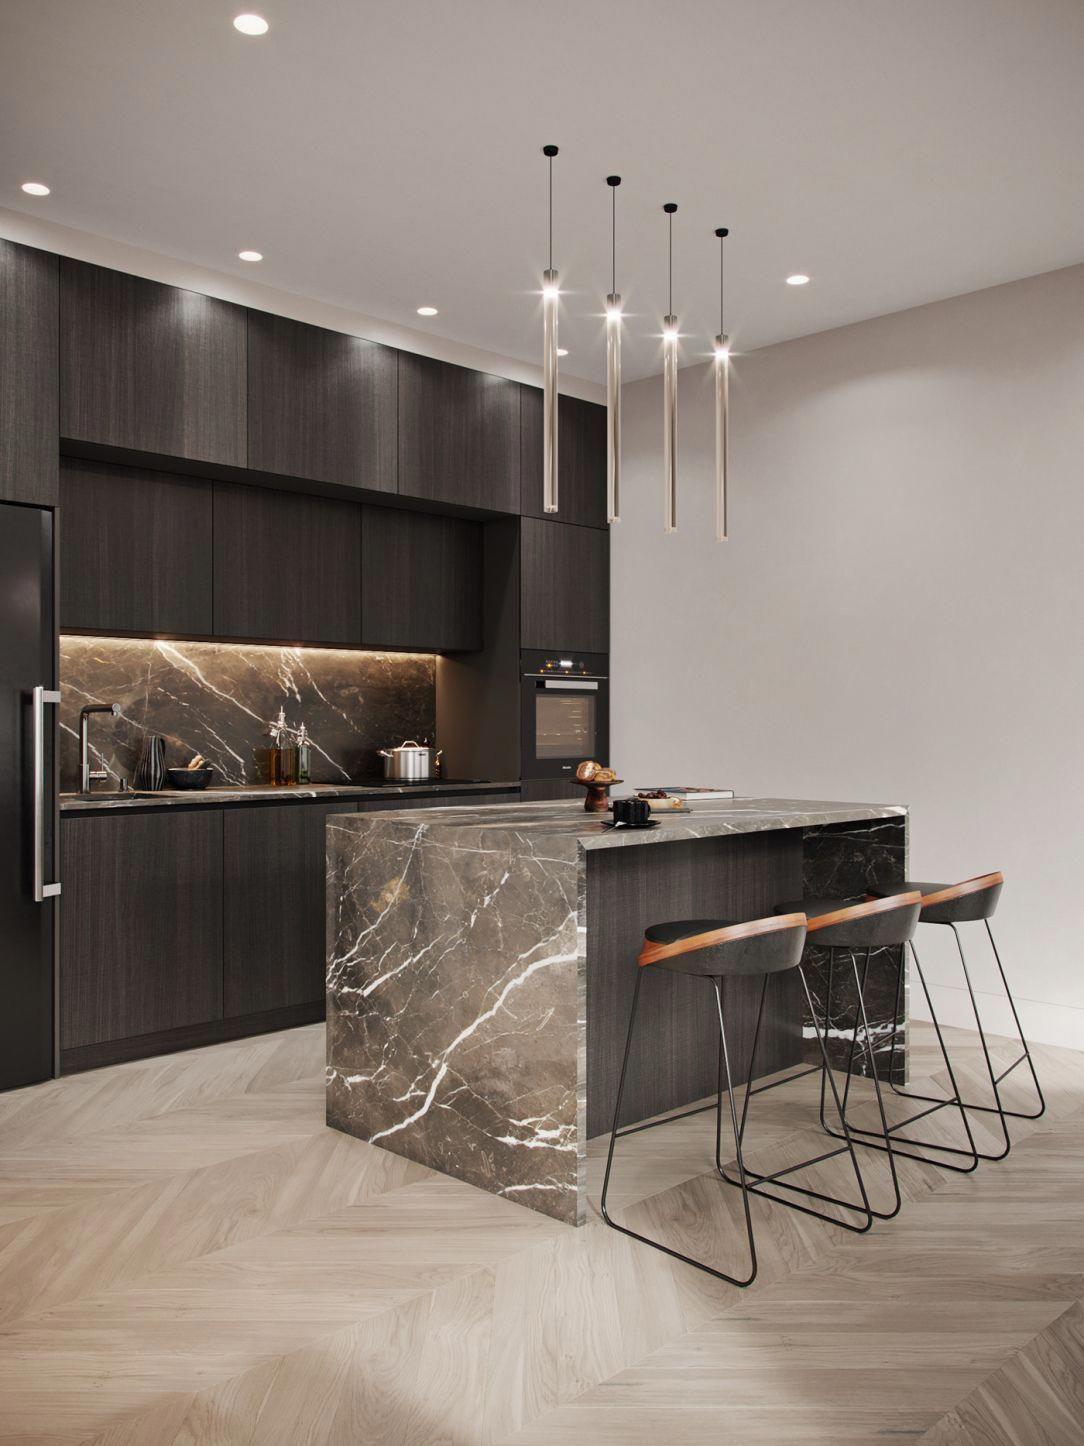 Kitchen Interior Design In Bangladesh Kitcheninteriordesign Modern Kitchen Design Kitchen Bar Design Kitchen Room Design